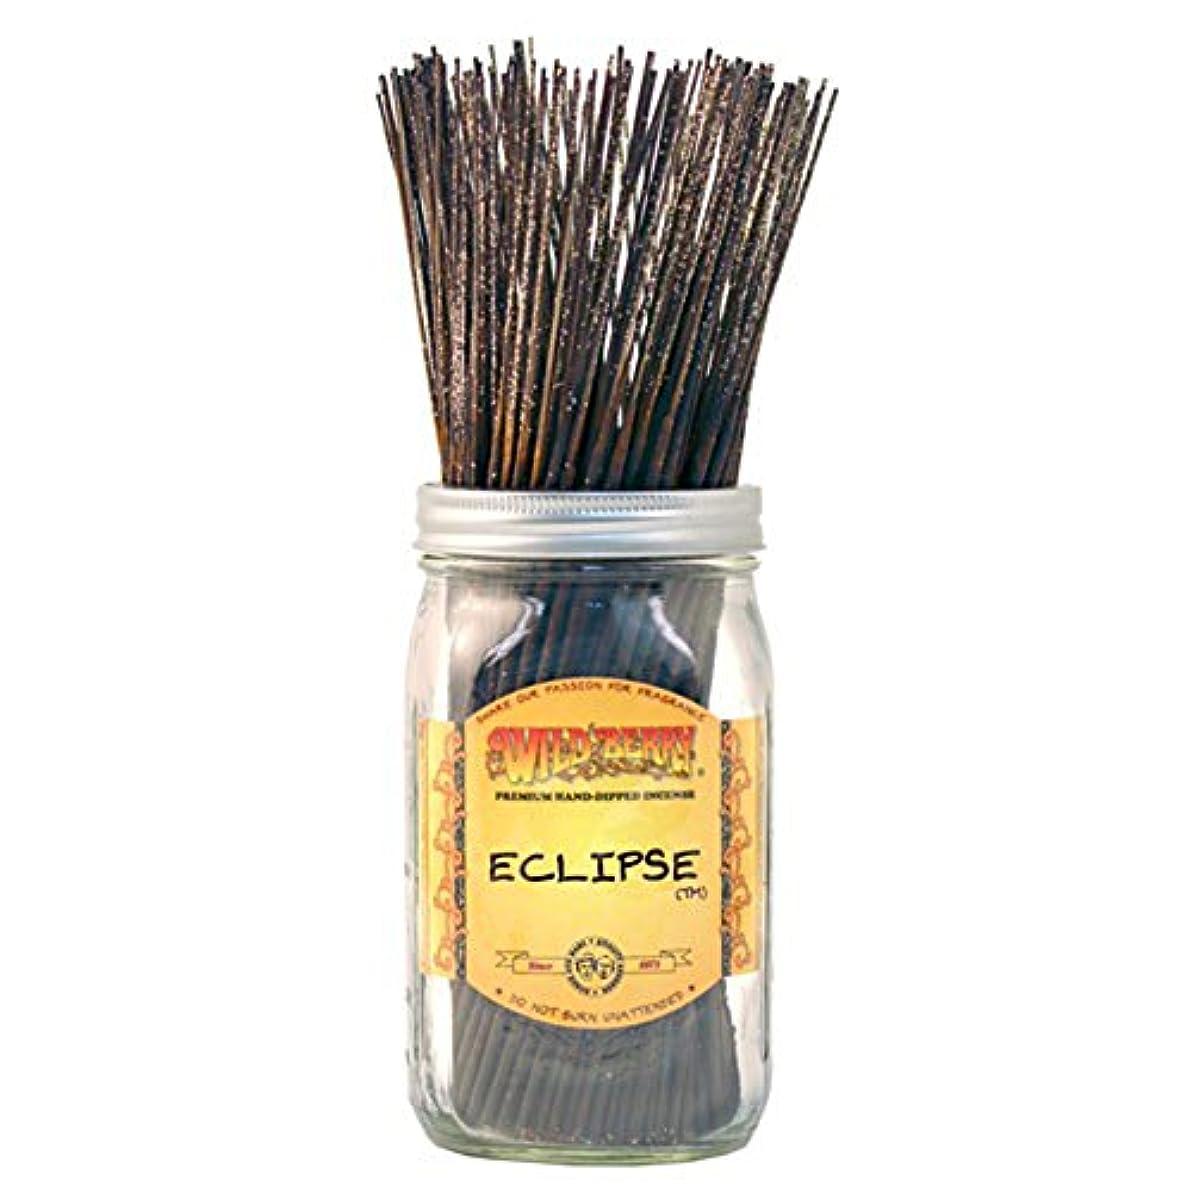 ライター契約言い聞かせるWild Berry Eclipse, Highly Fragranced Incense Sticksバルクパック、100ピース、11インチ